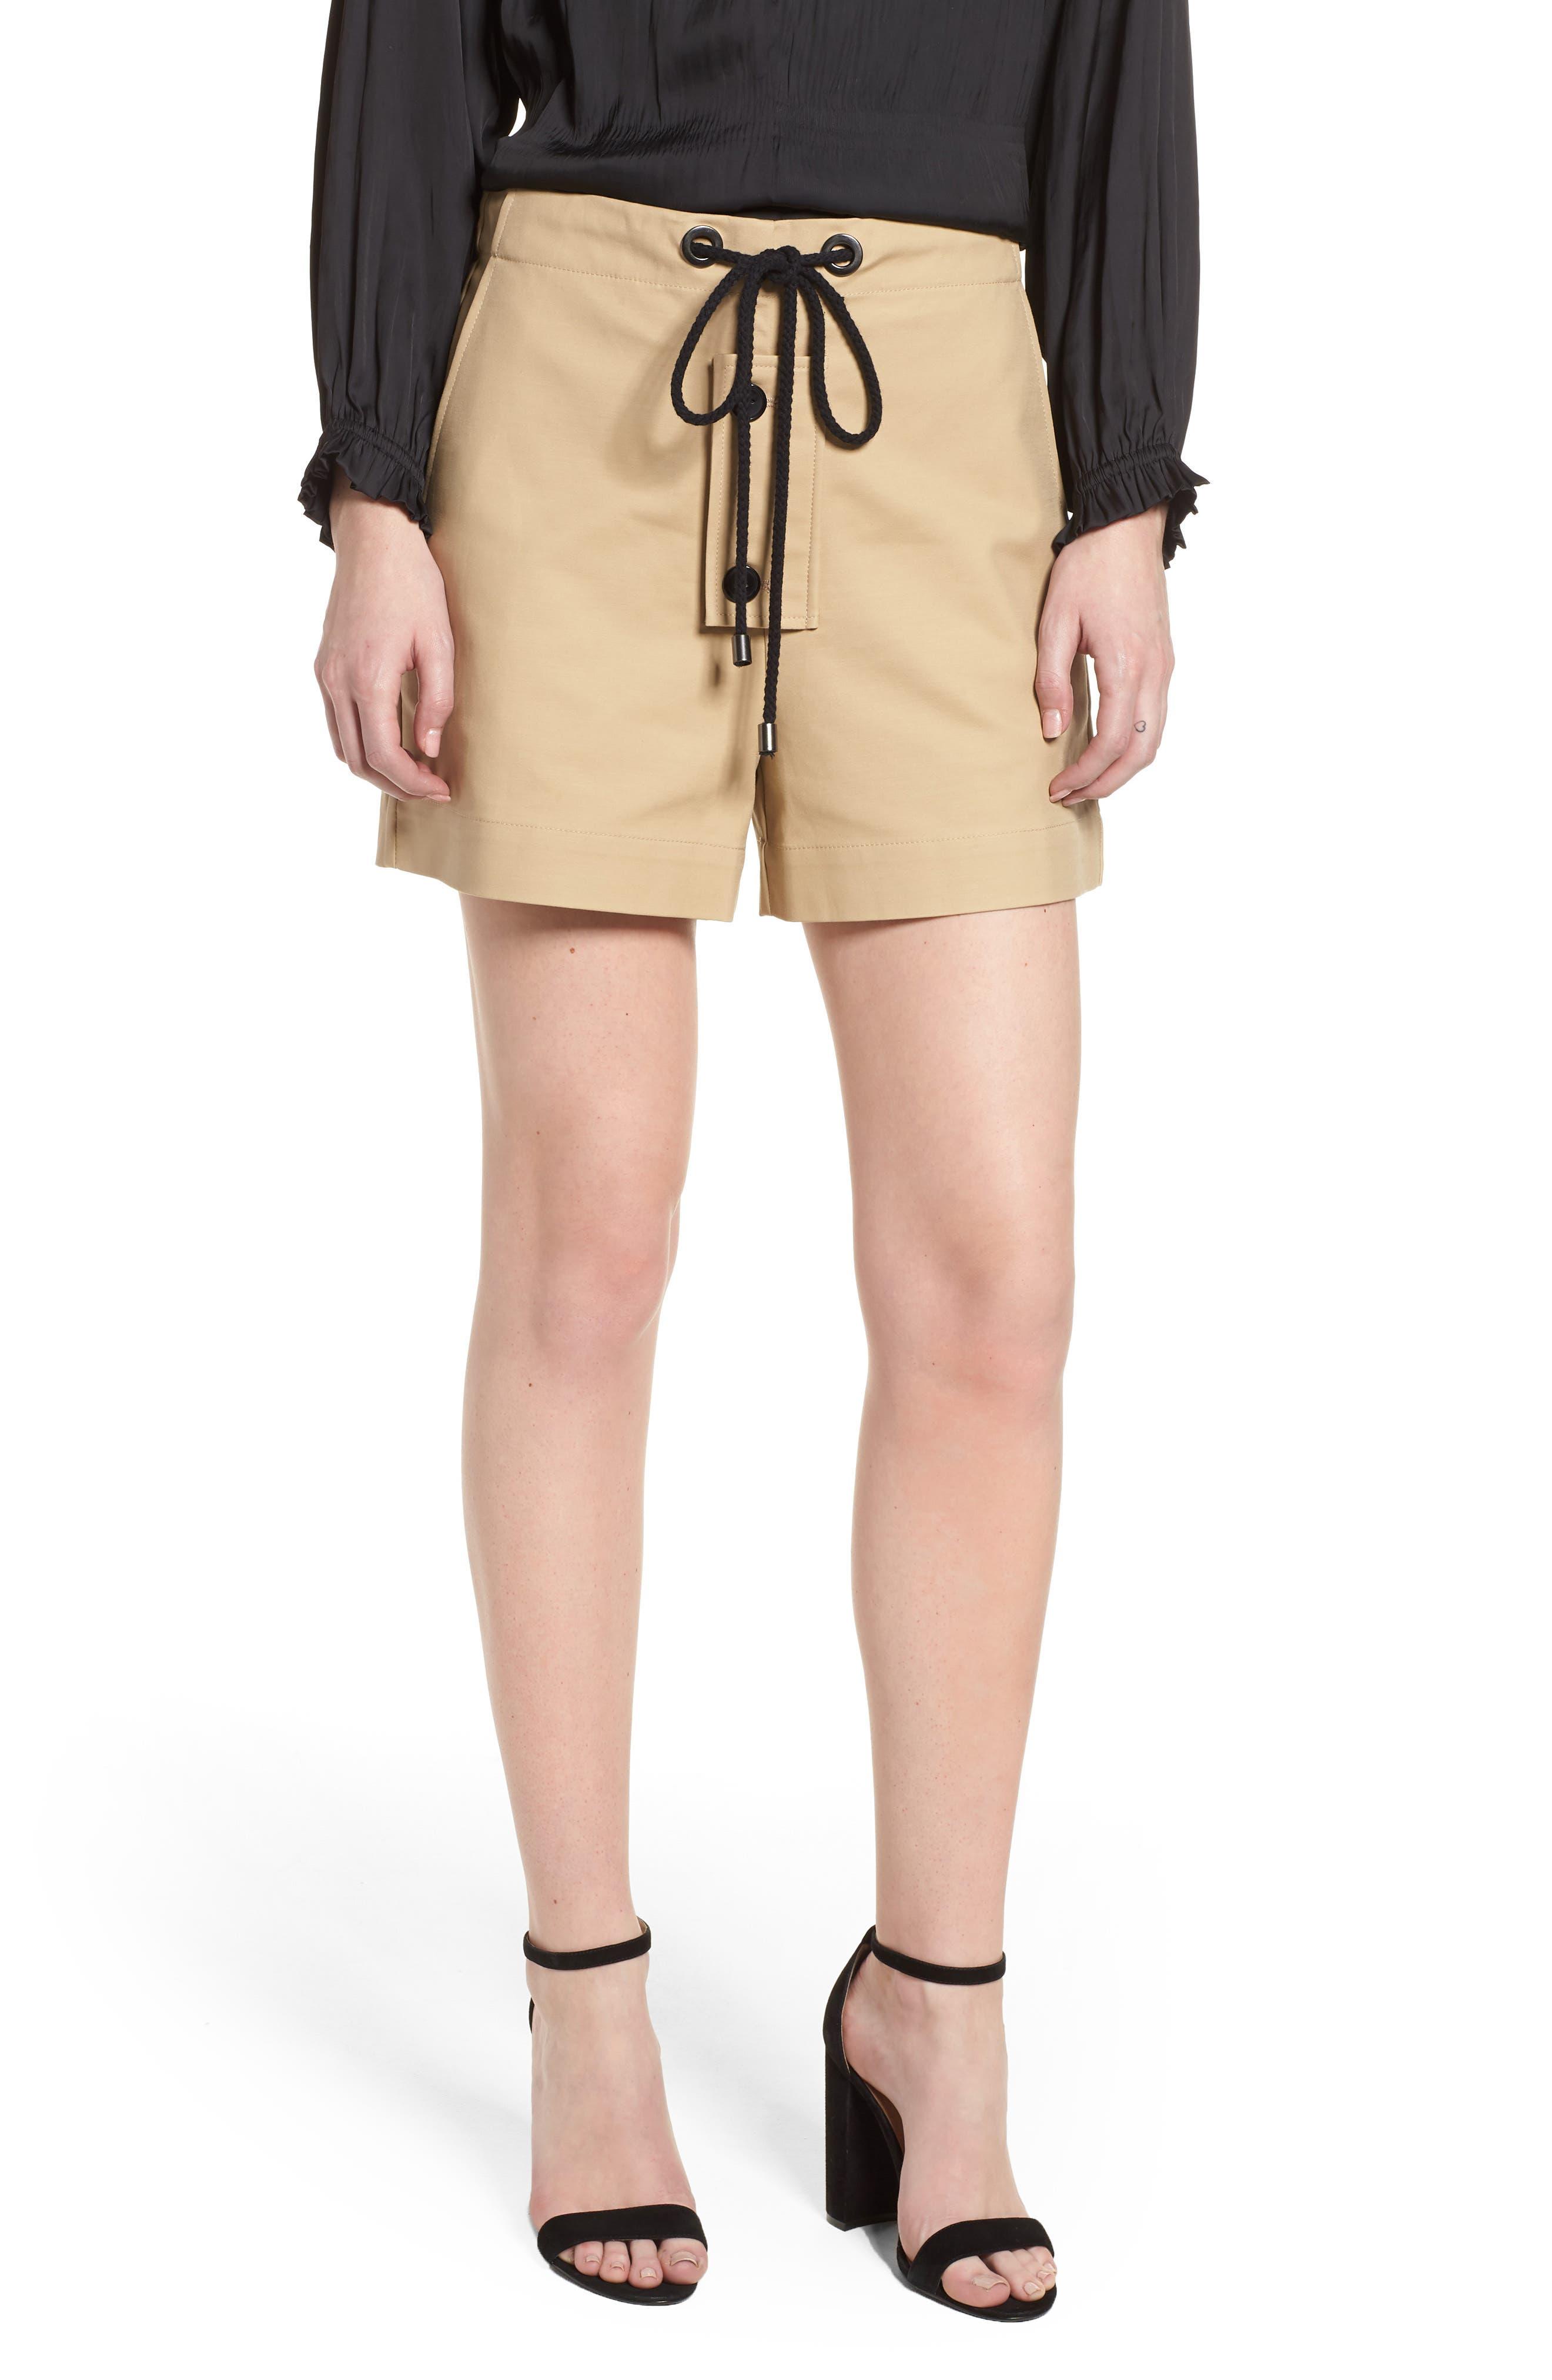 CAARA Park South Shorts